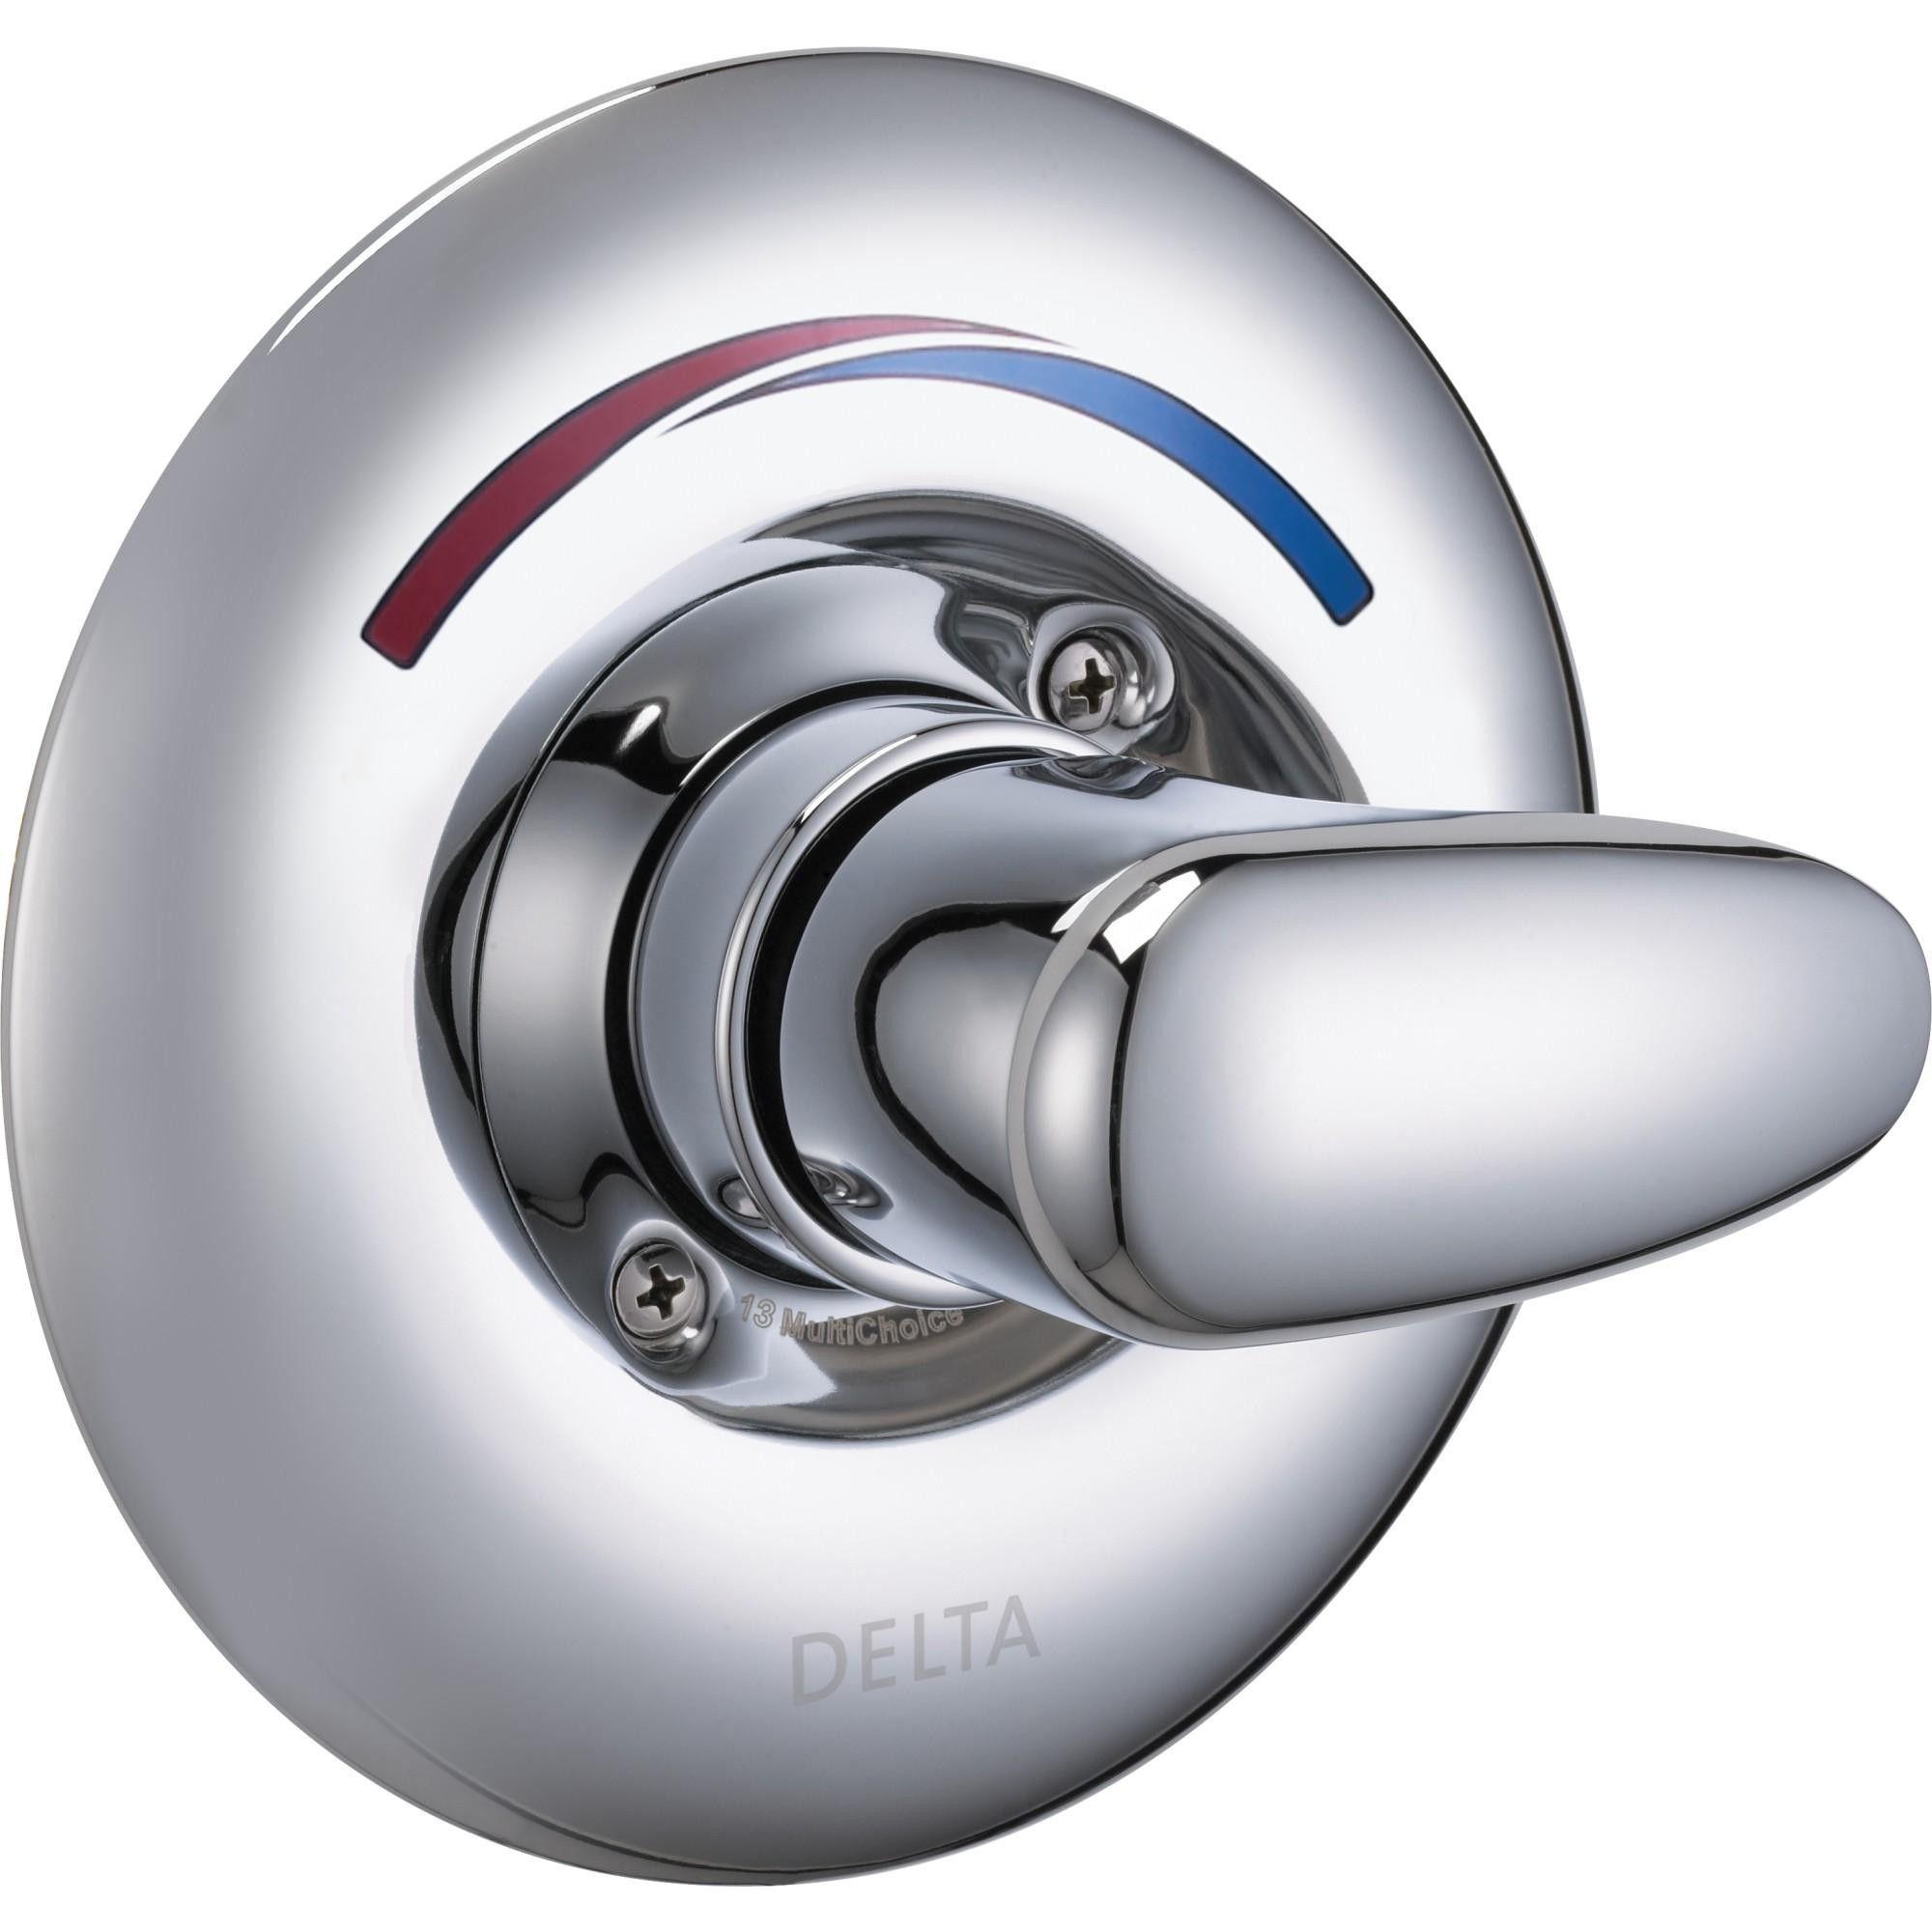 Delta Faucet T13h102 Single Handle Shower Valve Trim Chrome